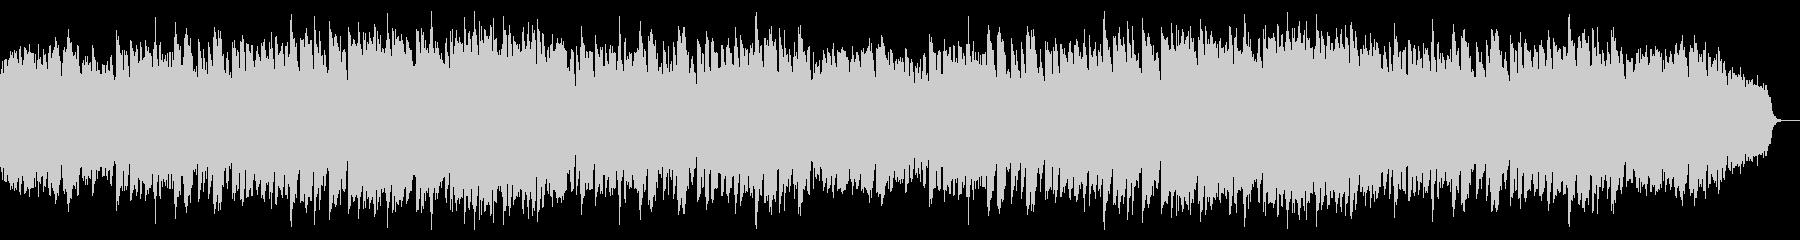 ピアノと鉄琴中心の明るく疾走感あるワルツの未再生の波形